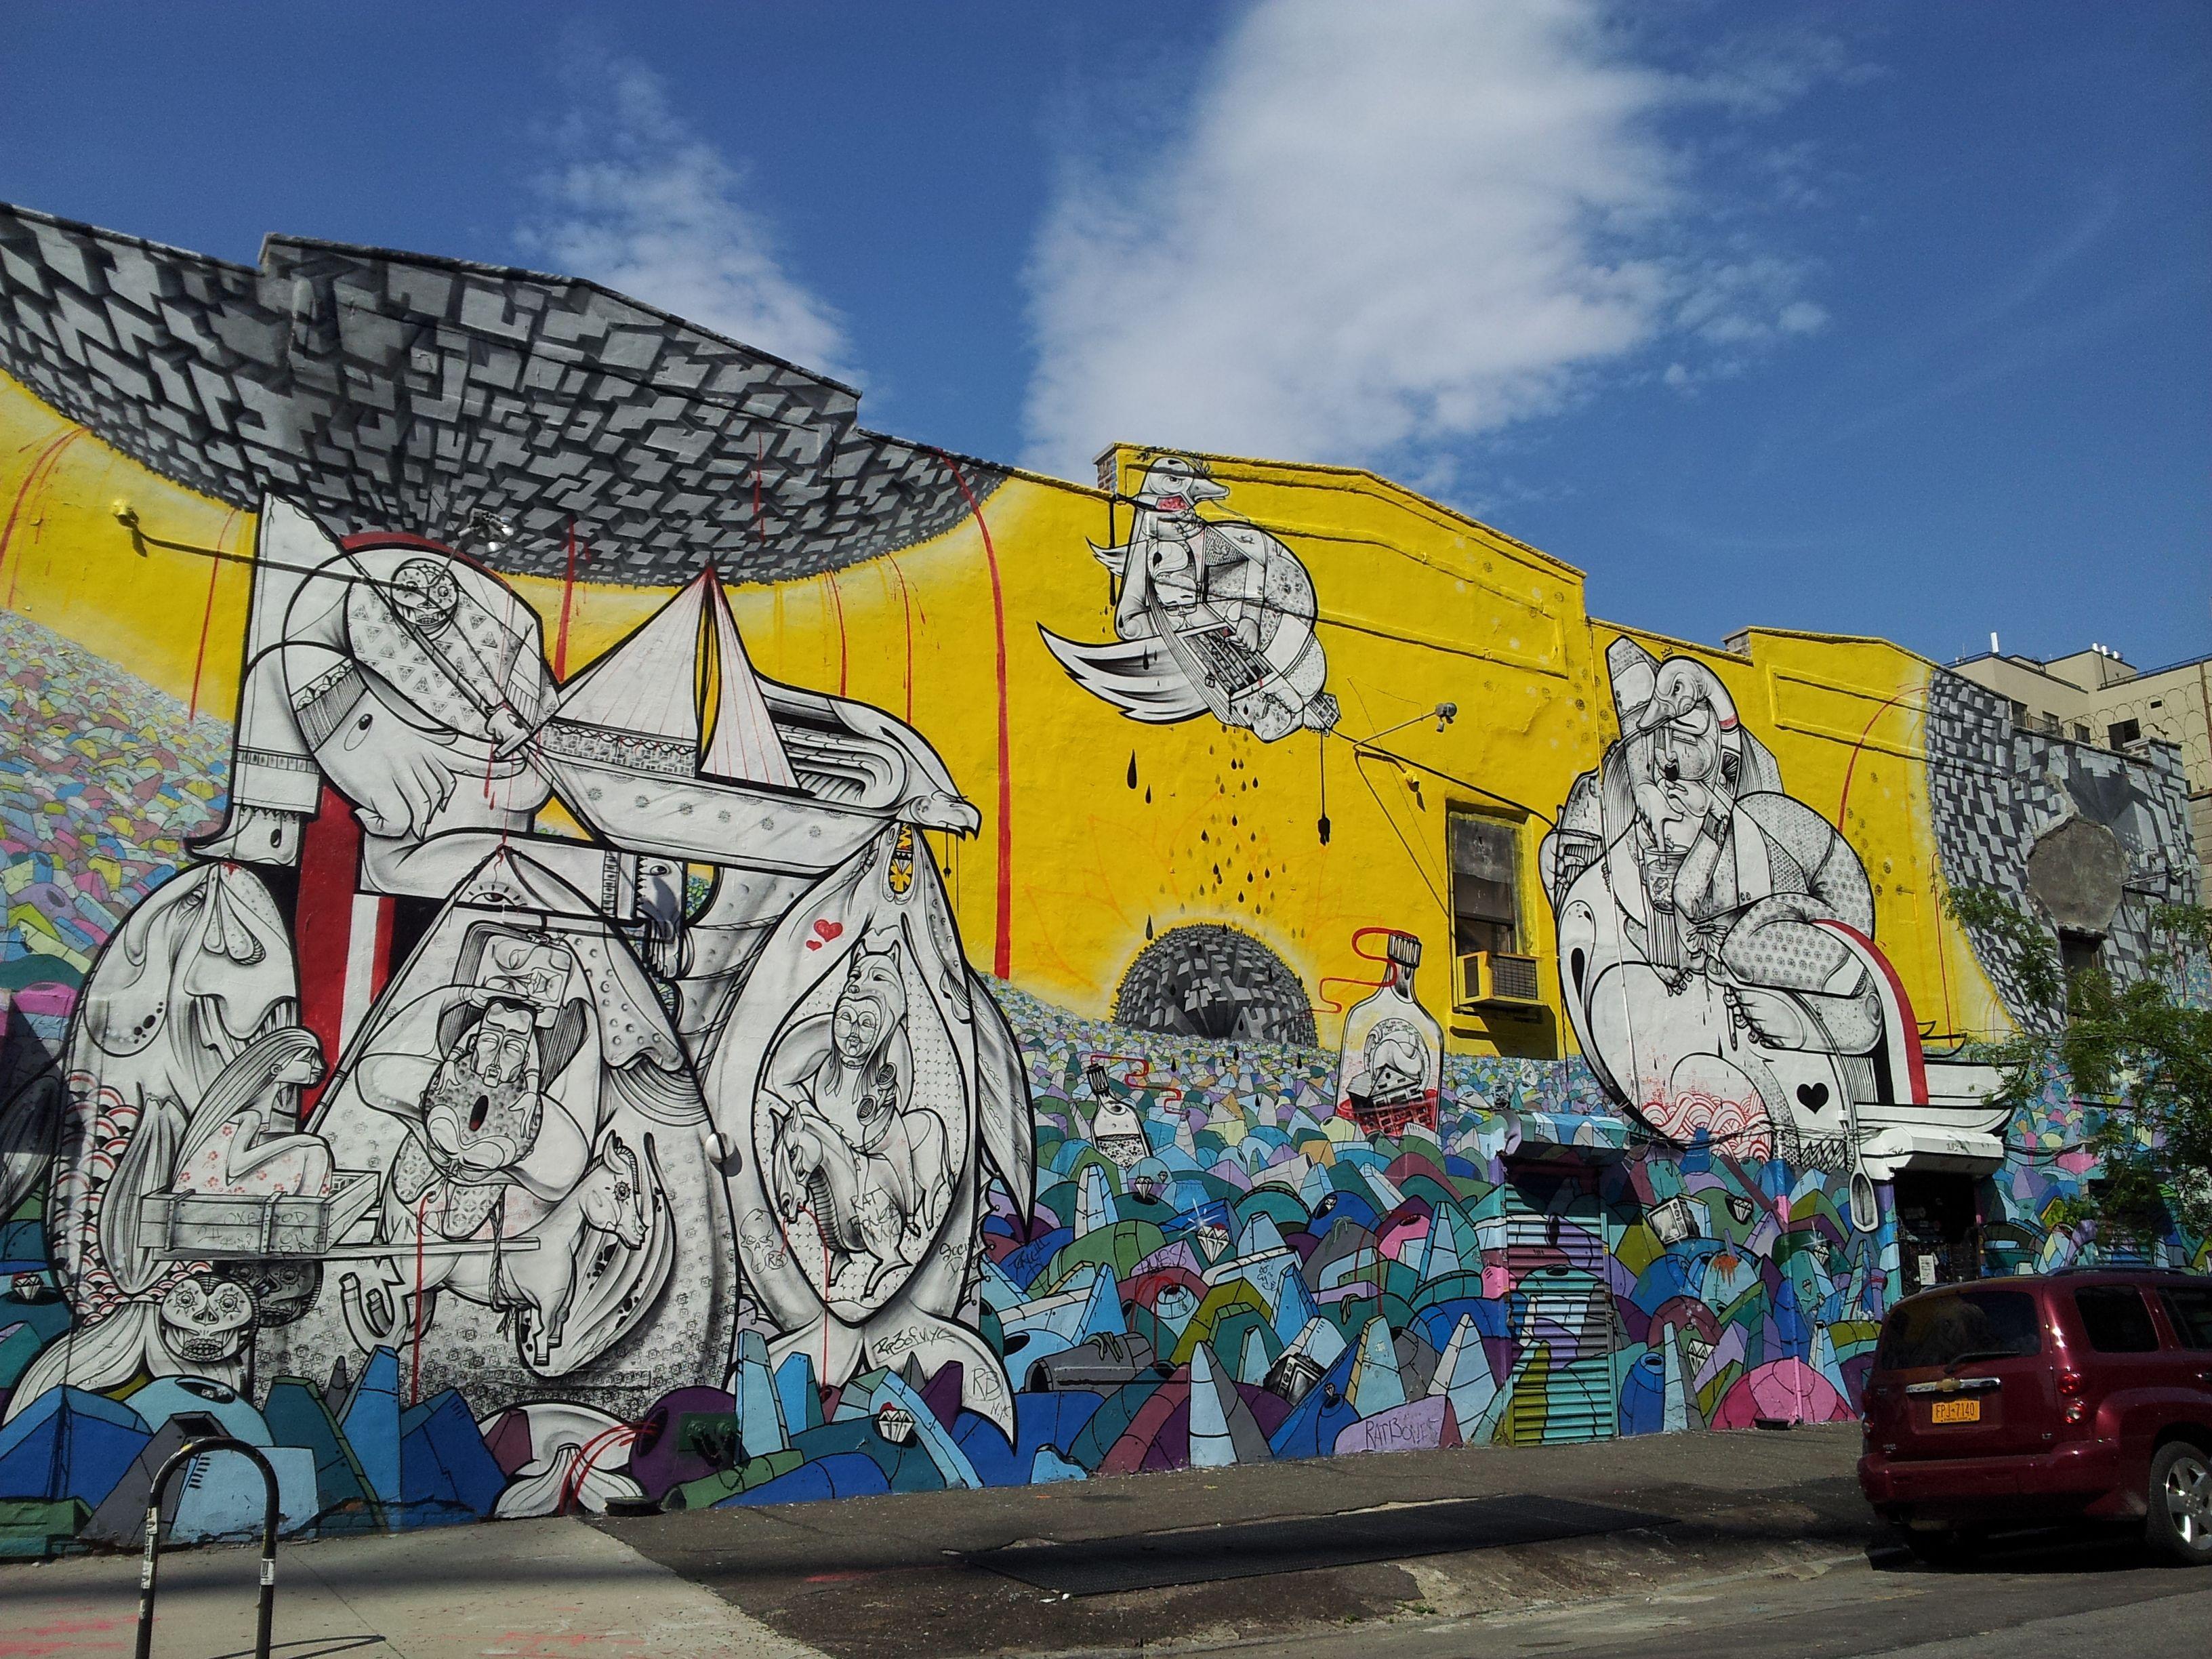 rrobots_street_art_brooklyn | Street Art | Pinterest | Street art ...